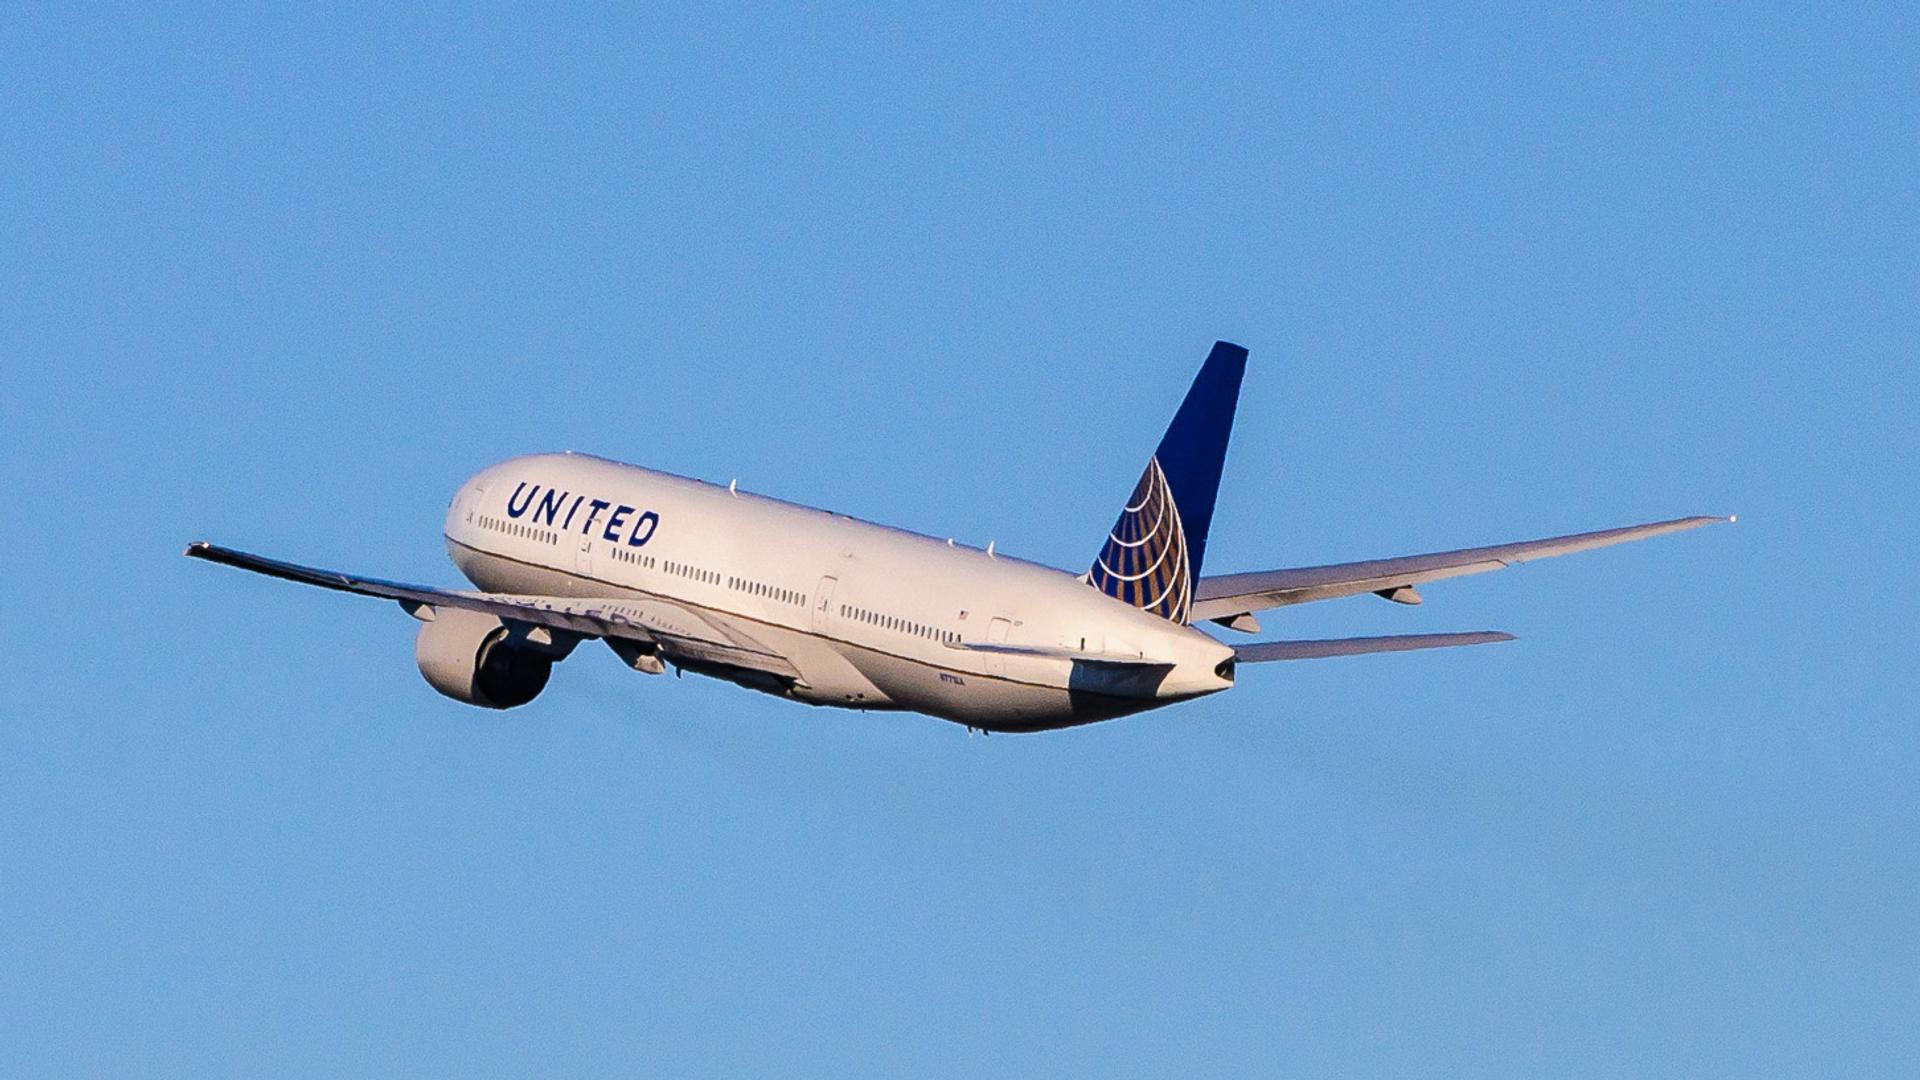 Un Boeing 777 de United Airlines - Sputnik Mundo, 1920, 21.05.2021